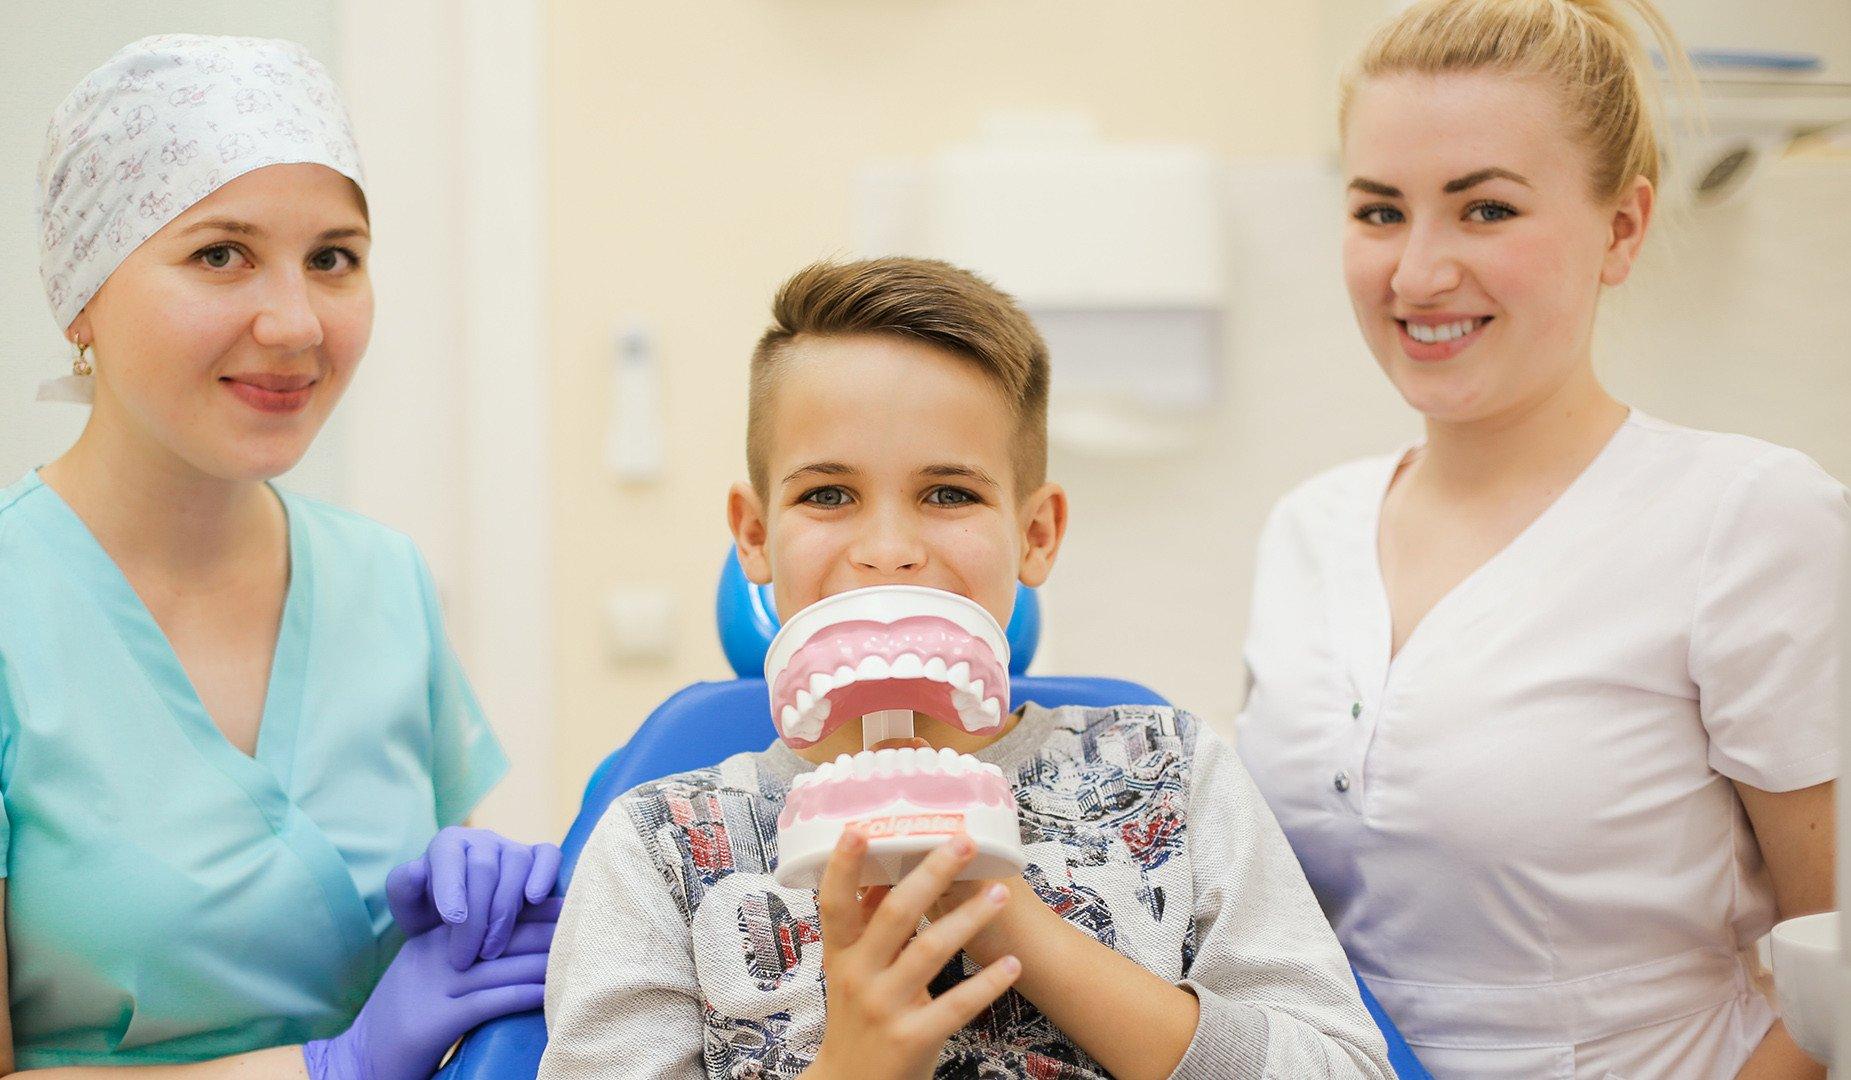 Пациент c макетом зубов